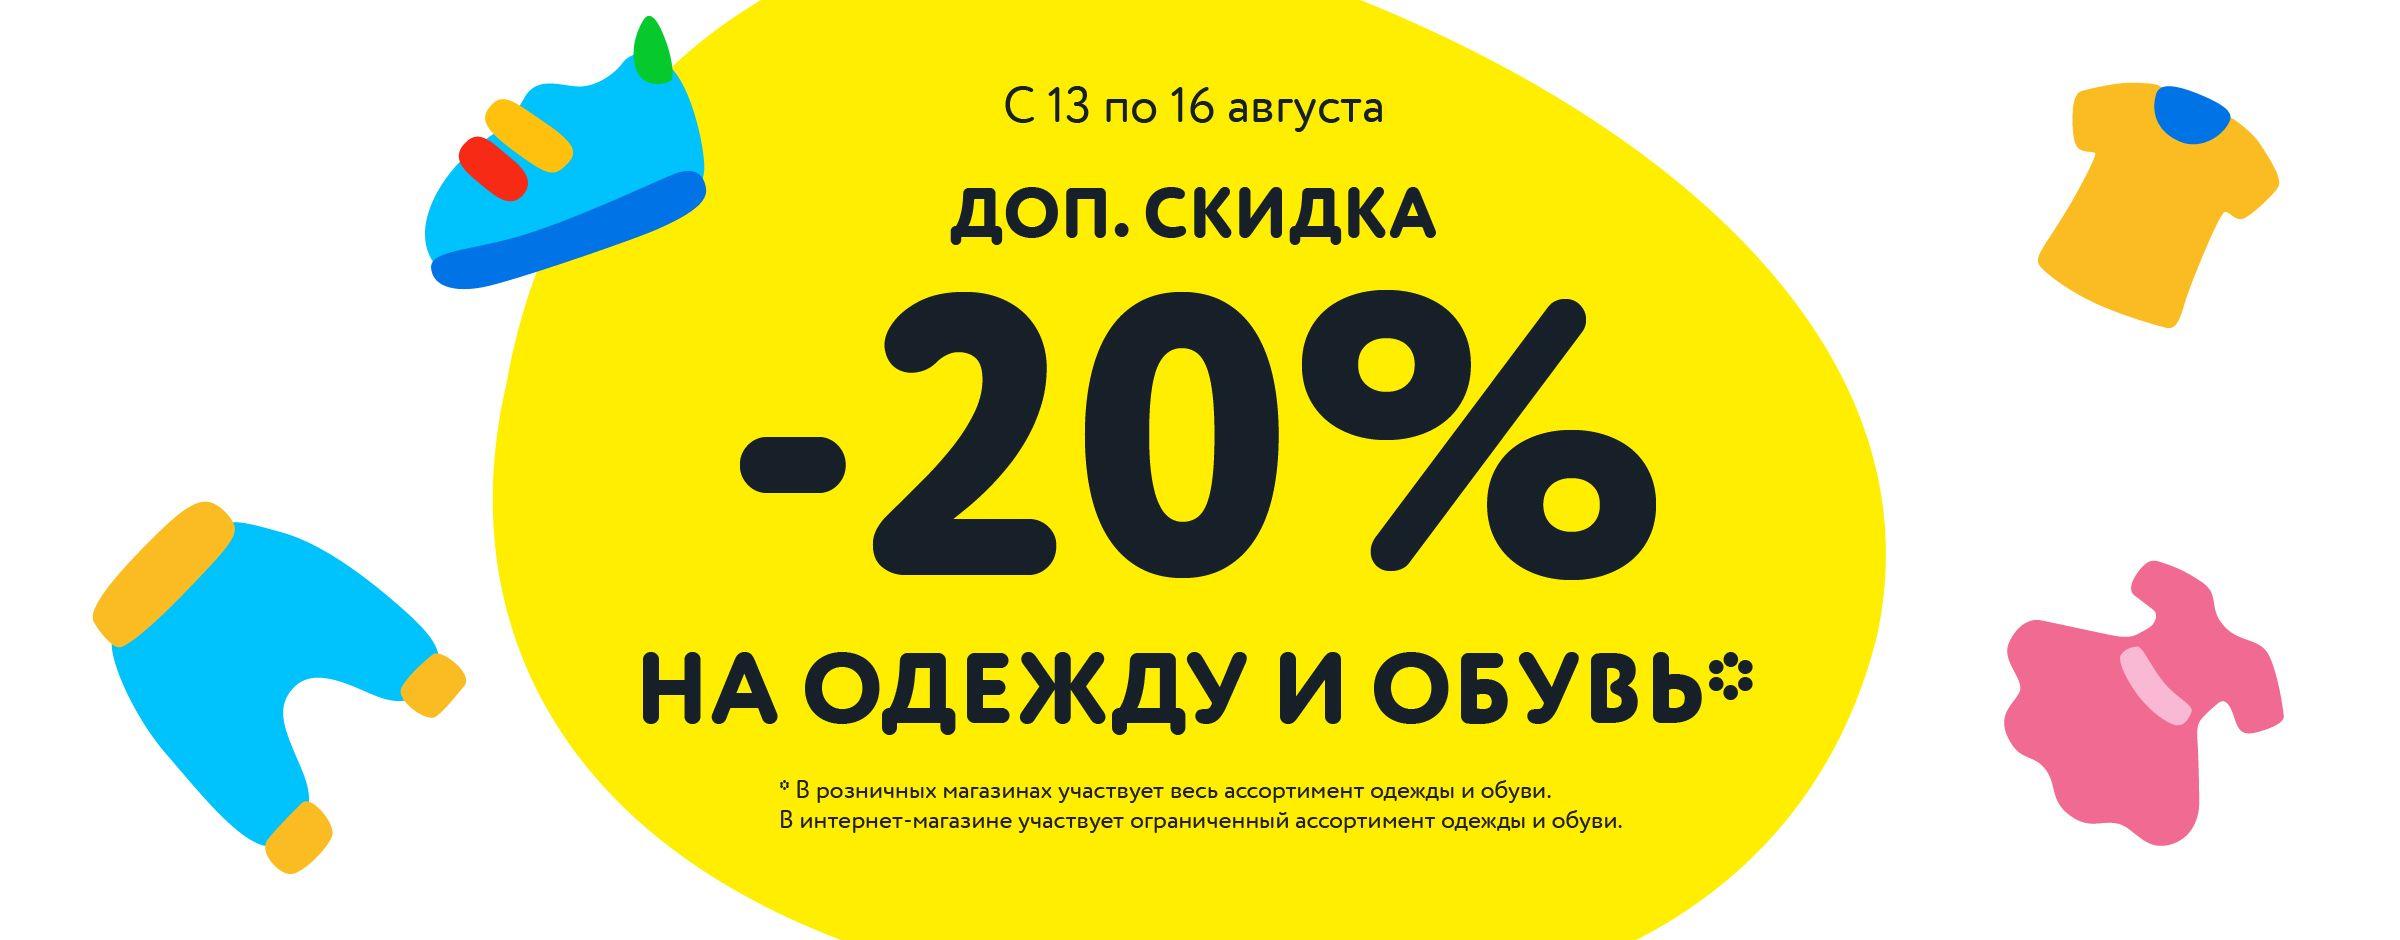 Доп скидка 20% на одежду и обувь